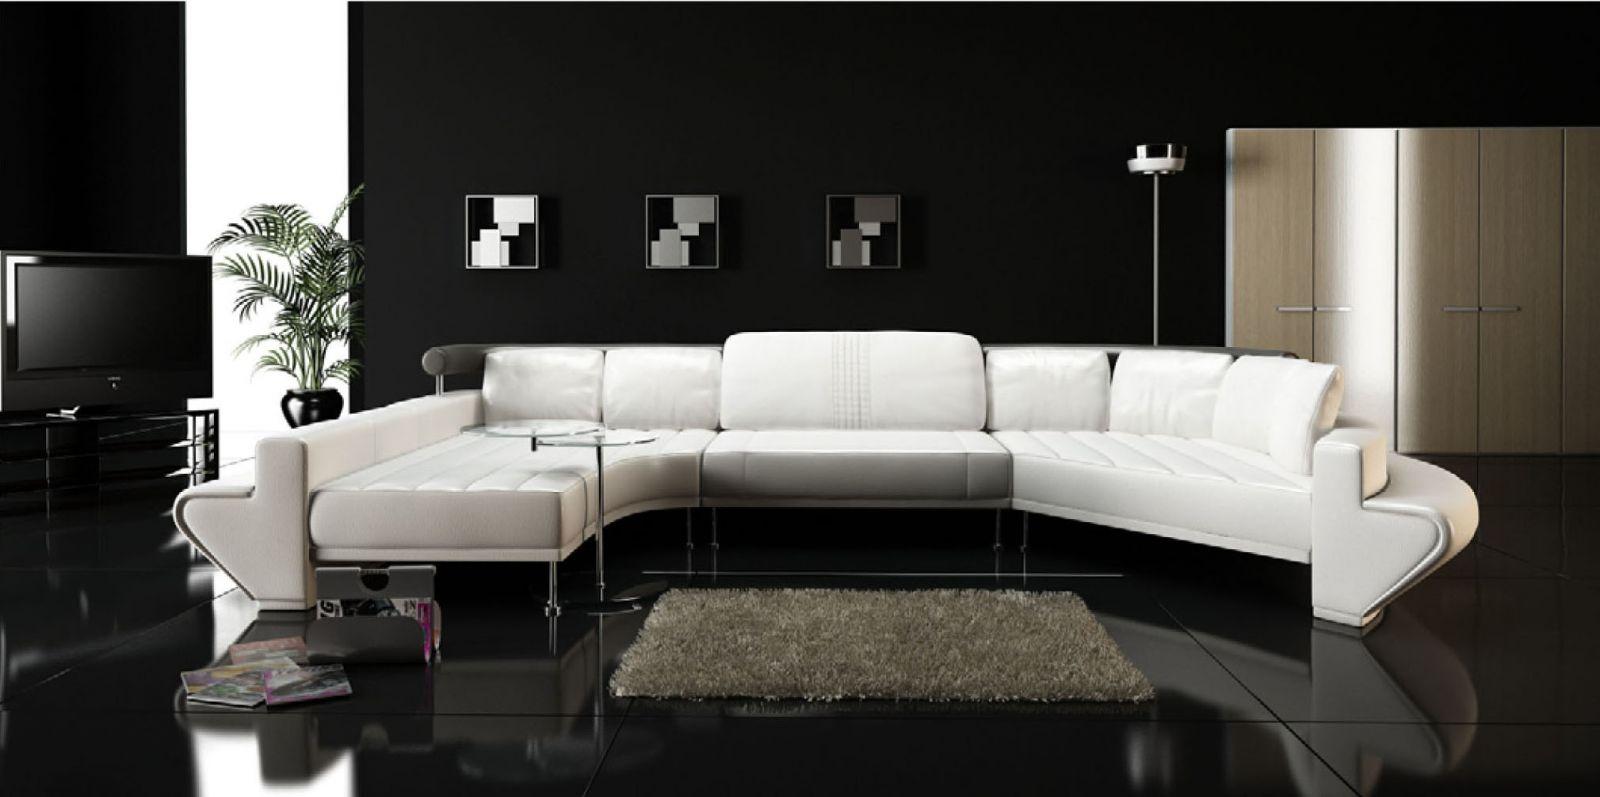 Chọn mua ghế sofa phòng khách có kích thước phù hợp với không gian gia đình